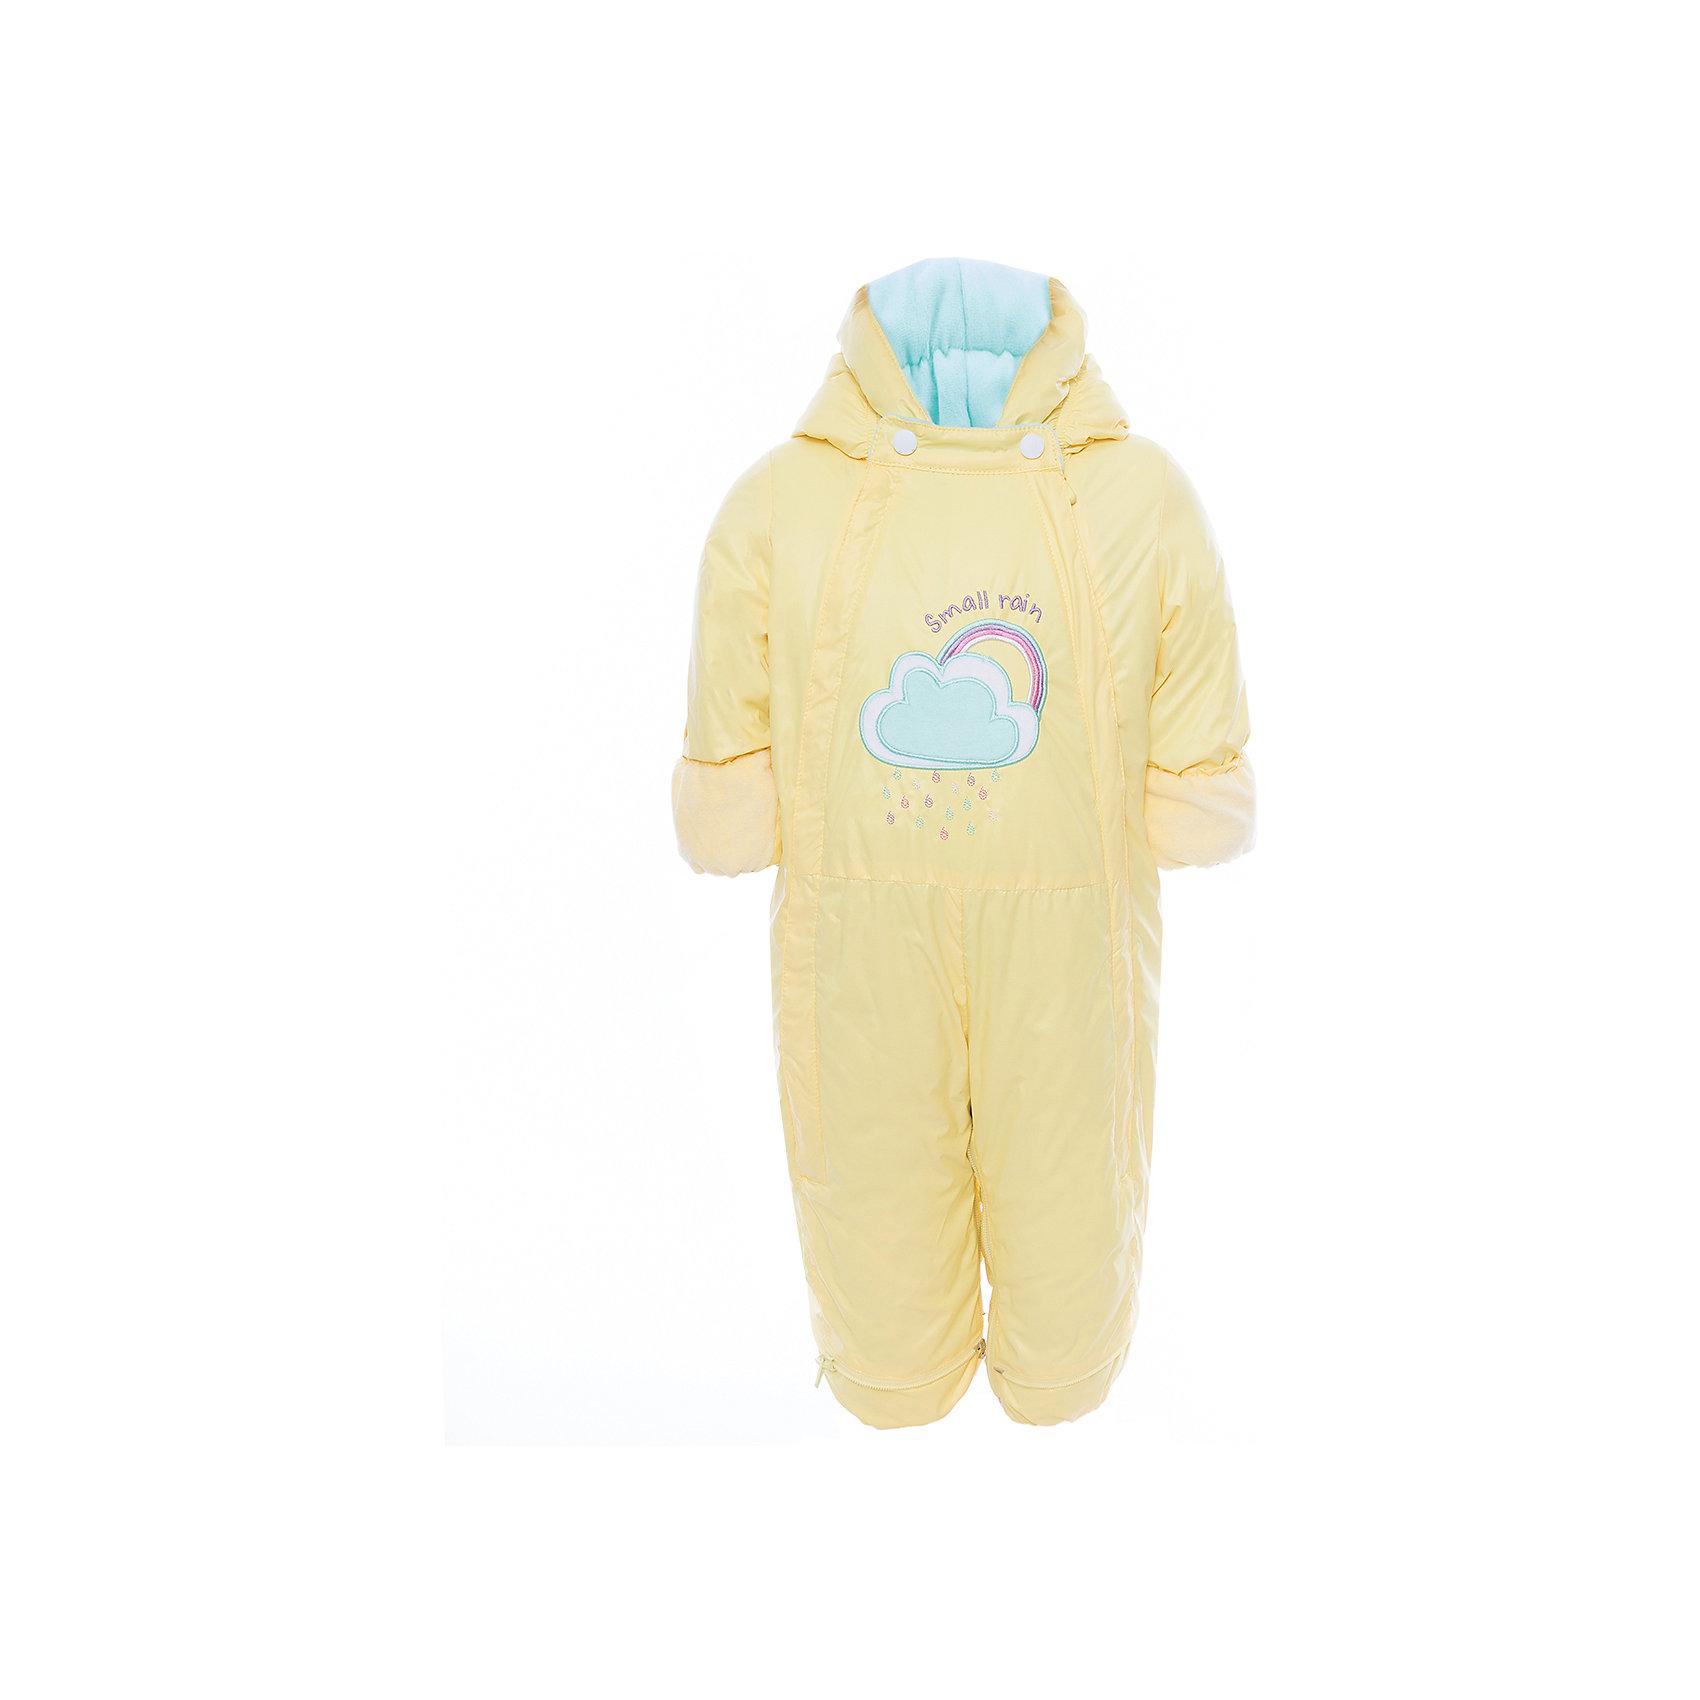 Комбинезон детский BOOM by OrbyВерхняя одежда<br>Характеристики товара:<br><br>• цвет: желтый<br>• состав: верх - болонь, подкладка - поликоттон, утеплитель: эко-синтепон 150 г/м2<br>• температурный режим: от -5 С° до +10 С° <br>• капюшон<br>• застежка - молния<br>• планка от ветра<br>• отделка велюром<br>• декорирован вышивкой<br>• комфортная посадка<br>• страна производства: Российская Федерация<br>• страна бренда: Российская Федерация<br>• коллекция: весна-лето 2017<br><br>Одежда для самых маленьких должна быть особо комфортной! Такой комбинезон - отличный вариант для межсезонья с постоянно меняющейся погодой. Эта модель - модная и удобная одновременно! Изделие отличается стильным ярким дизайном. Комбинезон дополнен мягкой подкладкой. Вещь была разработана специально для малышей.<br><br>Комбинезон детский от бренда BOOM by Orby можно купить в нашем интернет-магазине.<br><br>Ширина мм: 356<br>Глубина мм: 10<br>Высота мм: 245<br>Вес г: 519<br>Цвет: желтый<br>Возраст от месяцев: 6<br>Возраст до месяцев: 9<br>Пол: Унисекс<br>Возраст: Детский<br>Размер: 74,62,68<br>SKU: 5342949